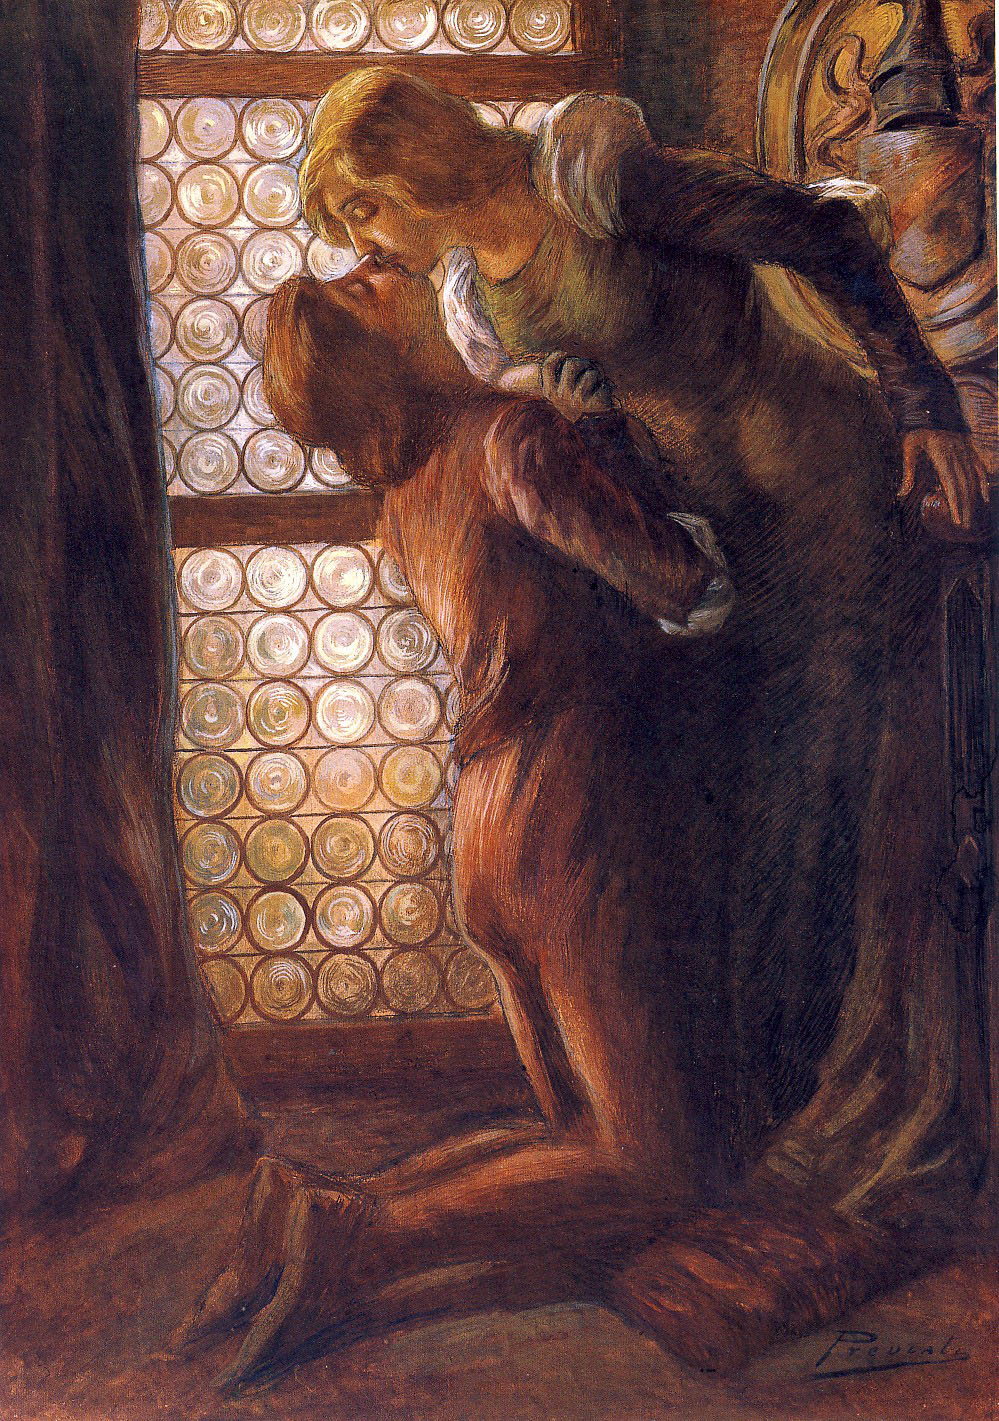 Gaetano Previati, Il bacio (Tempera su cartone, 63,5 x 43 cm; Collezione privata, courtesy Quadreria dell'800, Milano)